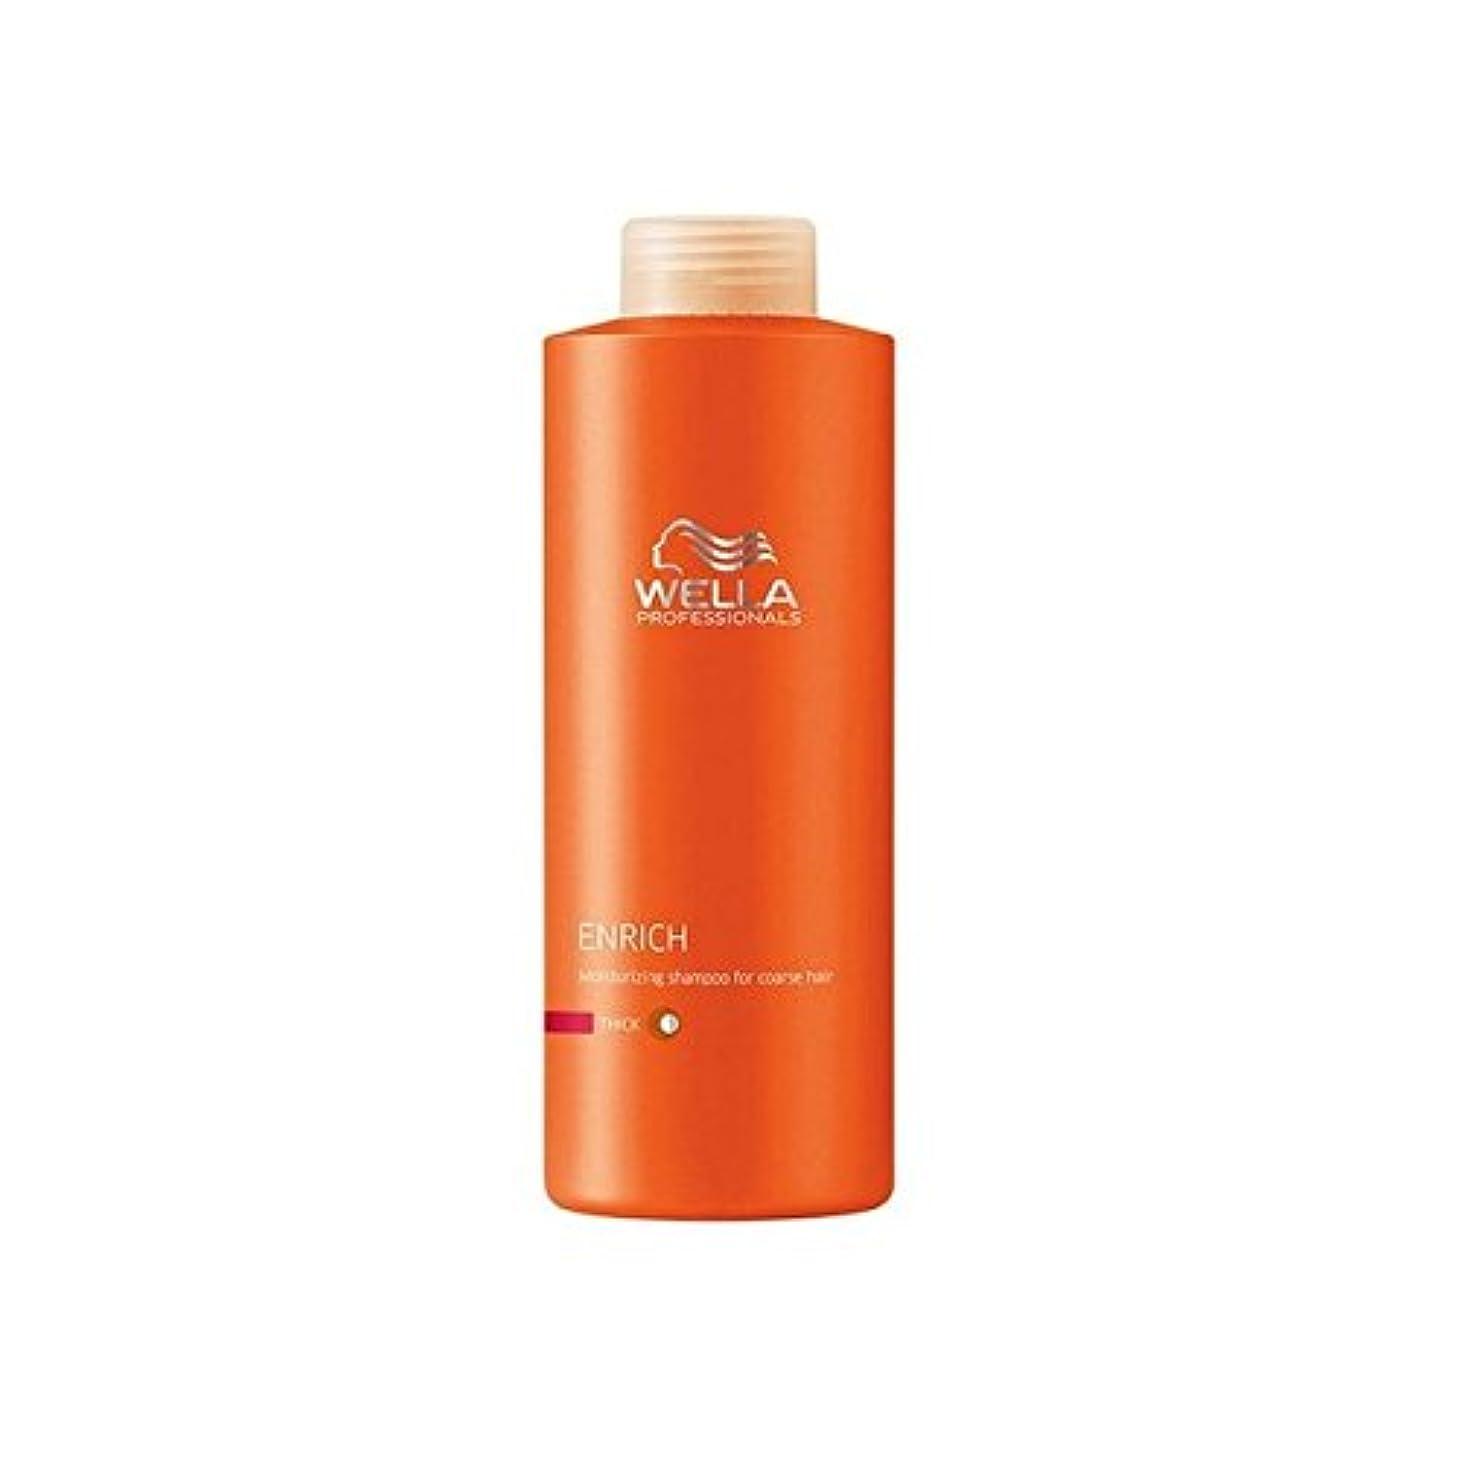 ましい誤解させる副詞ウェラの専門家は粗いシャンプー(千ミリリットル)を豊かに x4 - Wella Professionals Enrich Coarse Shampoo (1000ml) (Pack of 4) [並行輸入品]